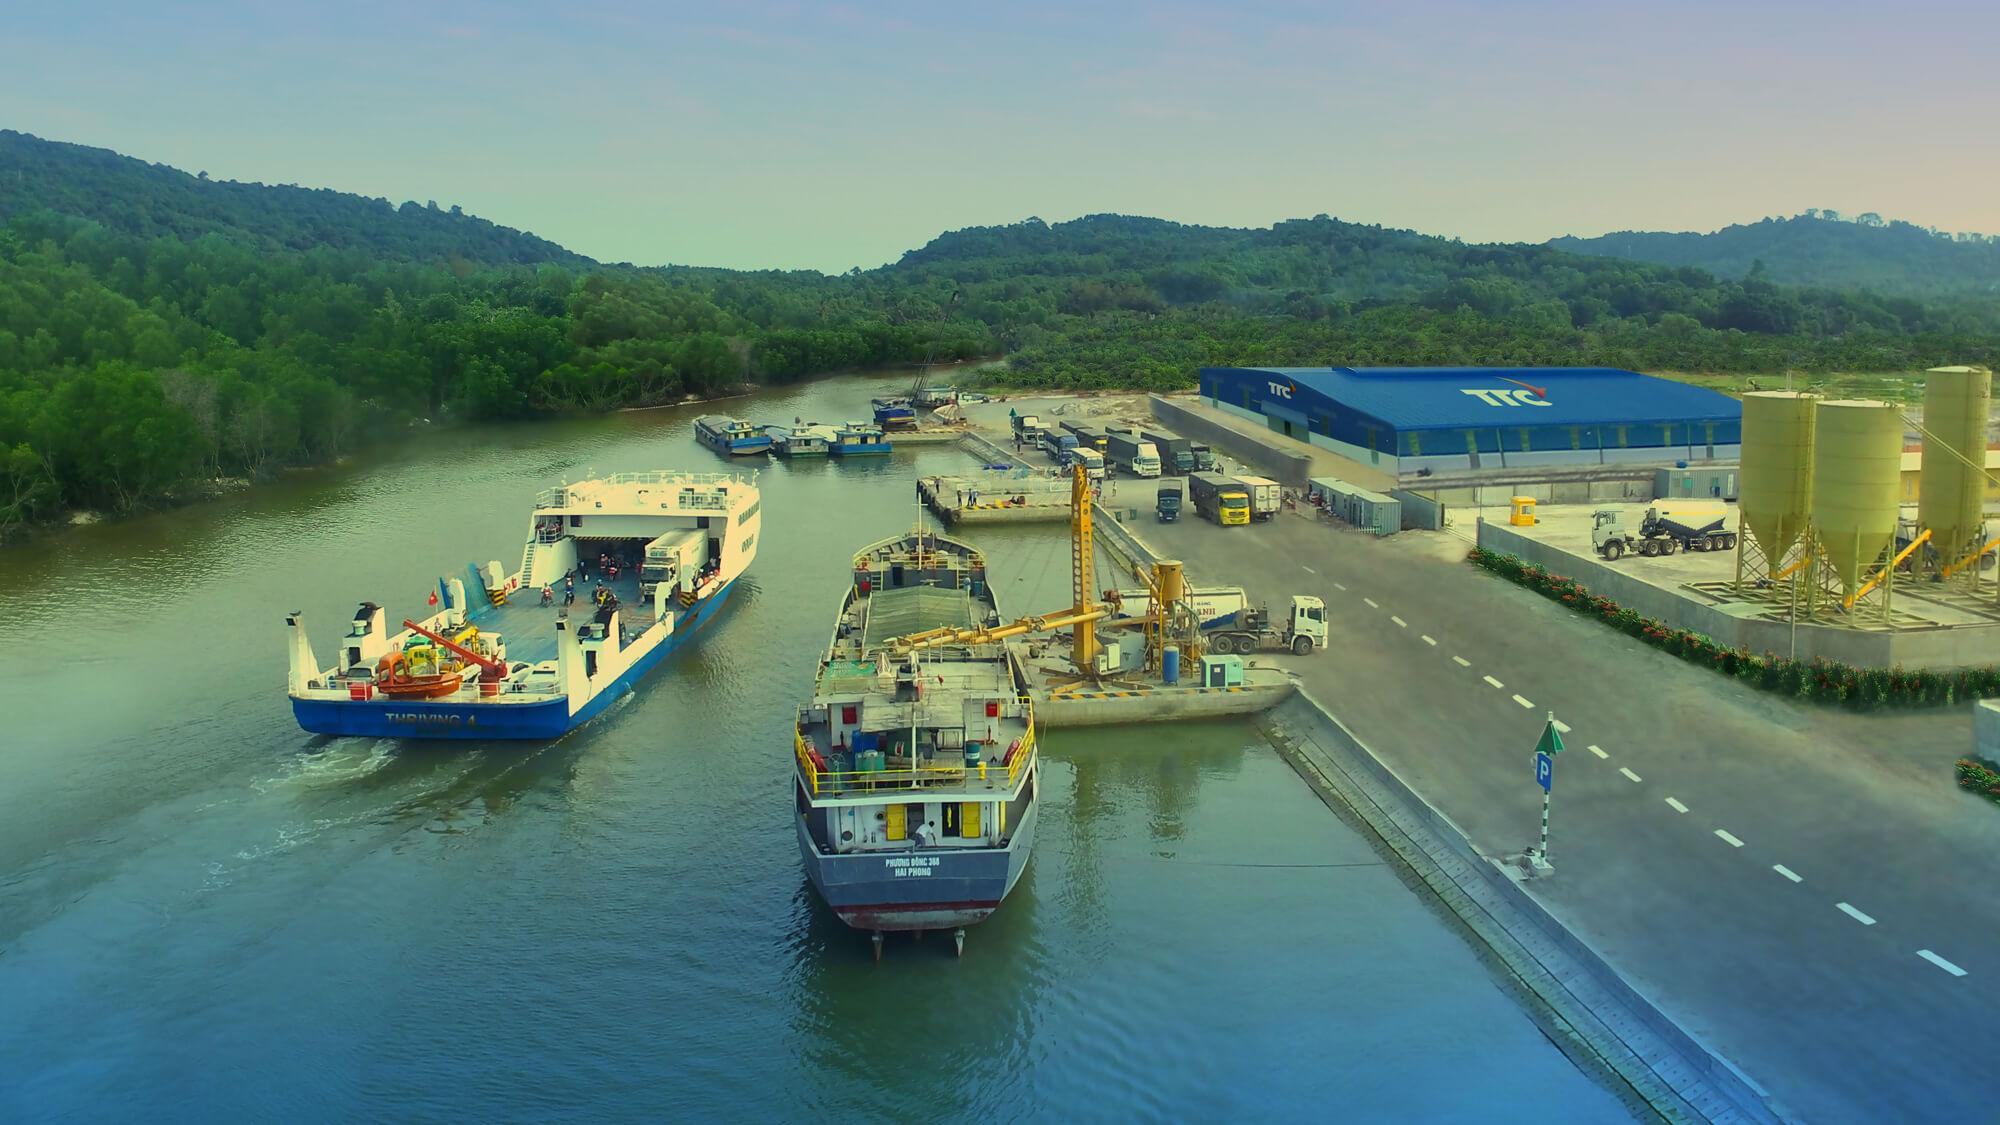 Khu liên hợp cảng – Công nghiệp – Dịch vụ Vịnh Đầm